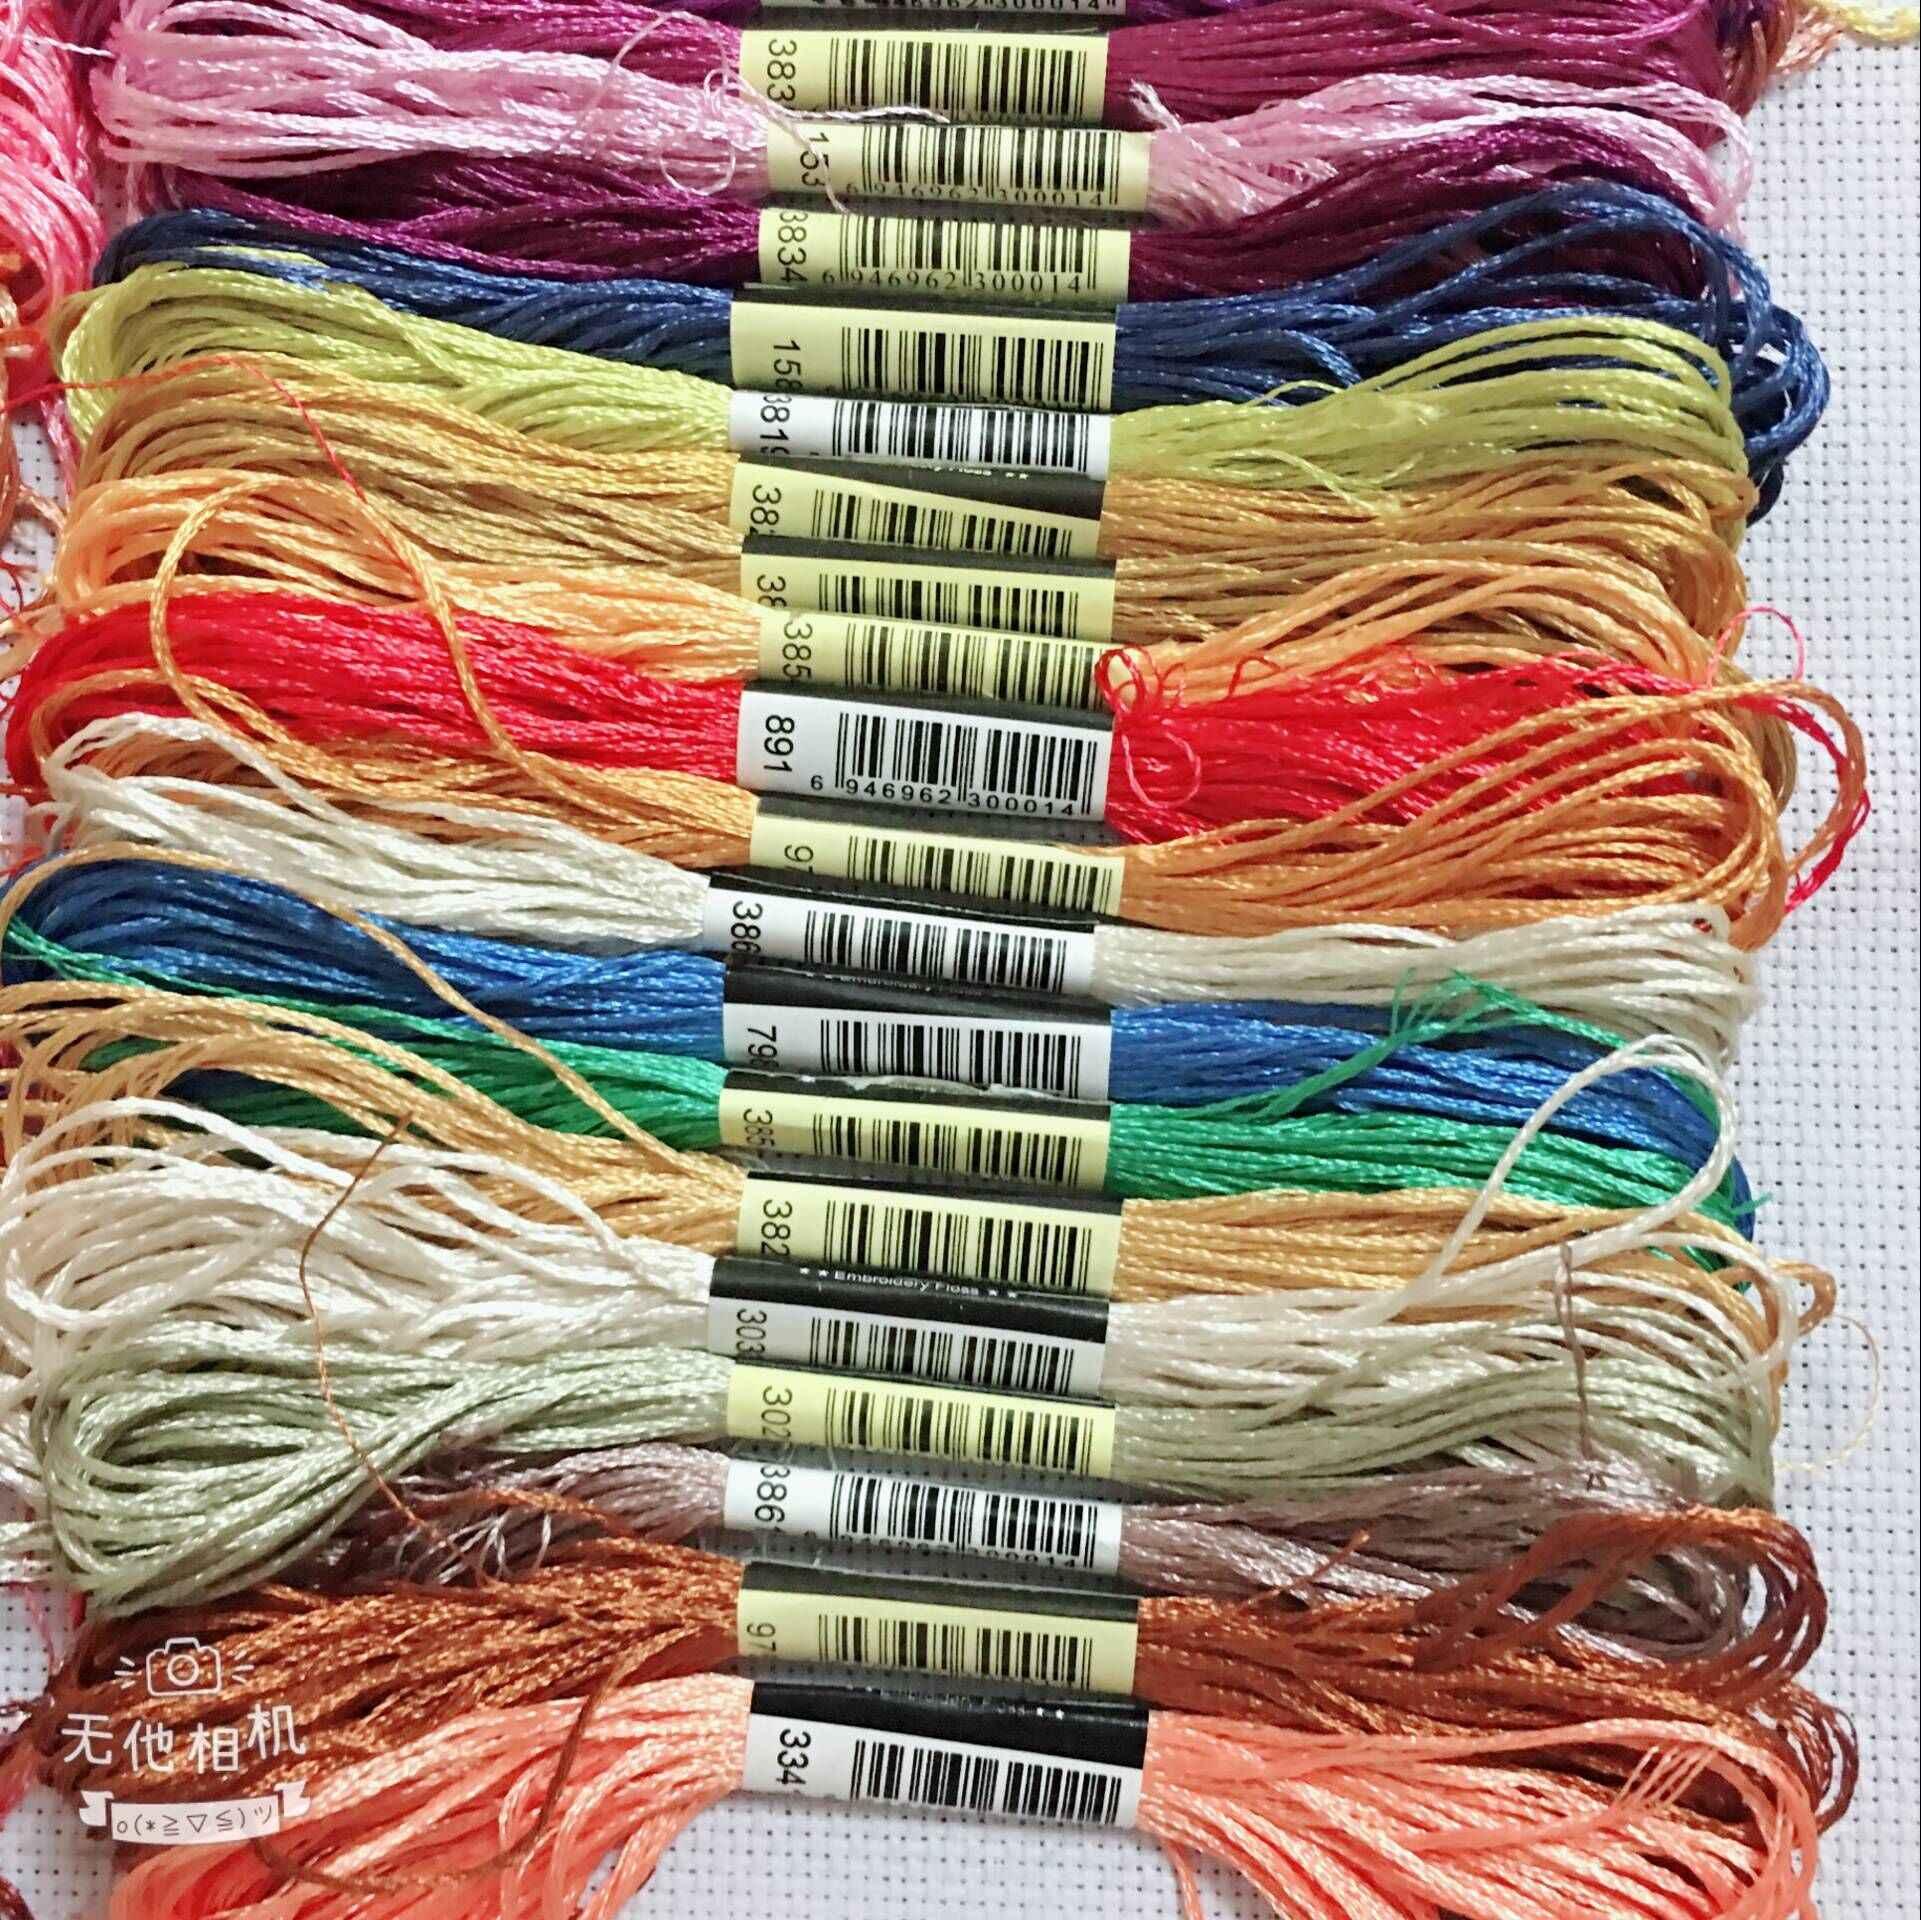 10/20/40/50 الحرير embroidery100 ٪ الحرير موضوع Spiraea embroide الحرير موضوع صغيرة العصي من تطريز يدوي عبر غرزة